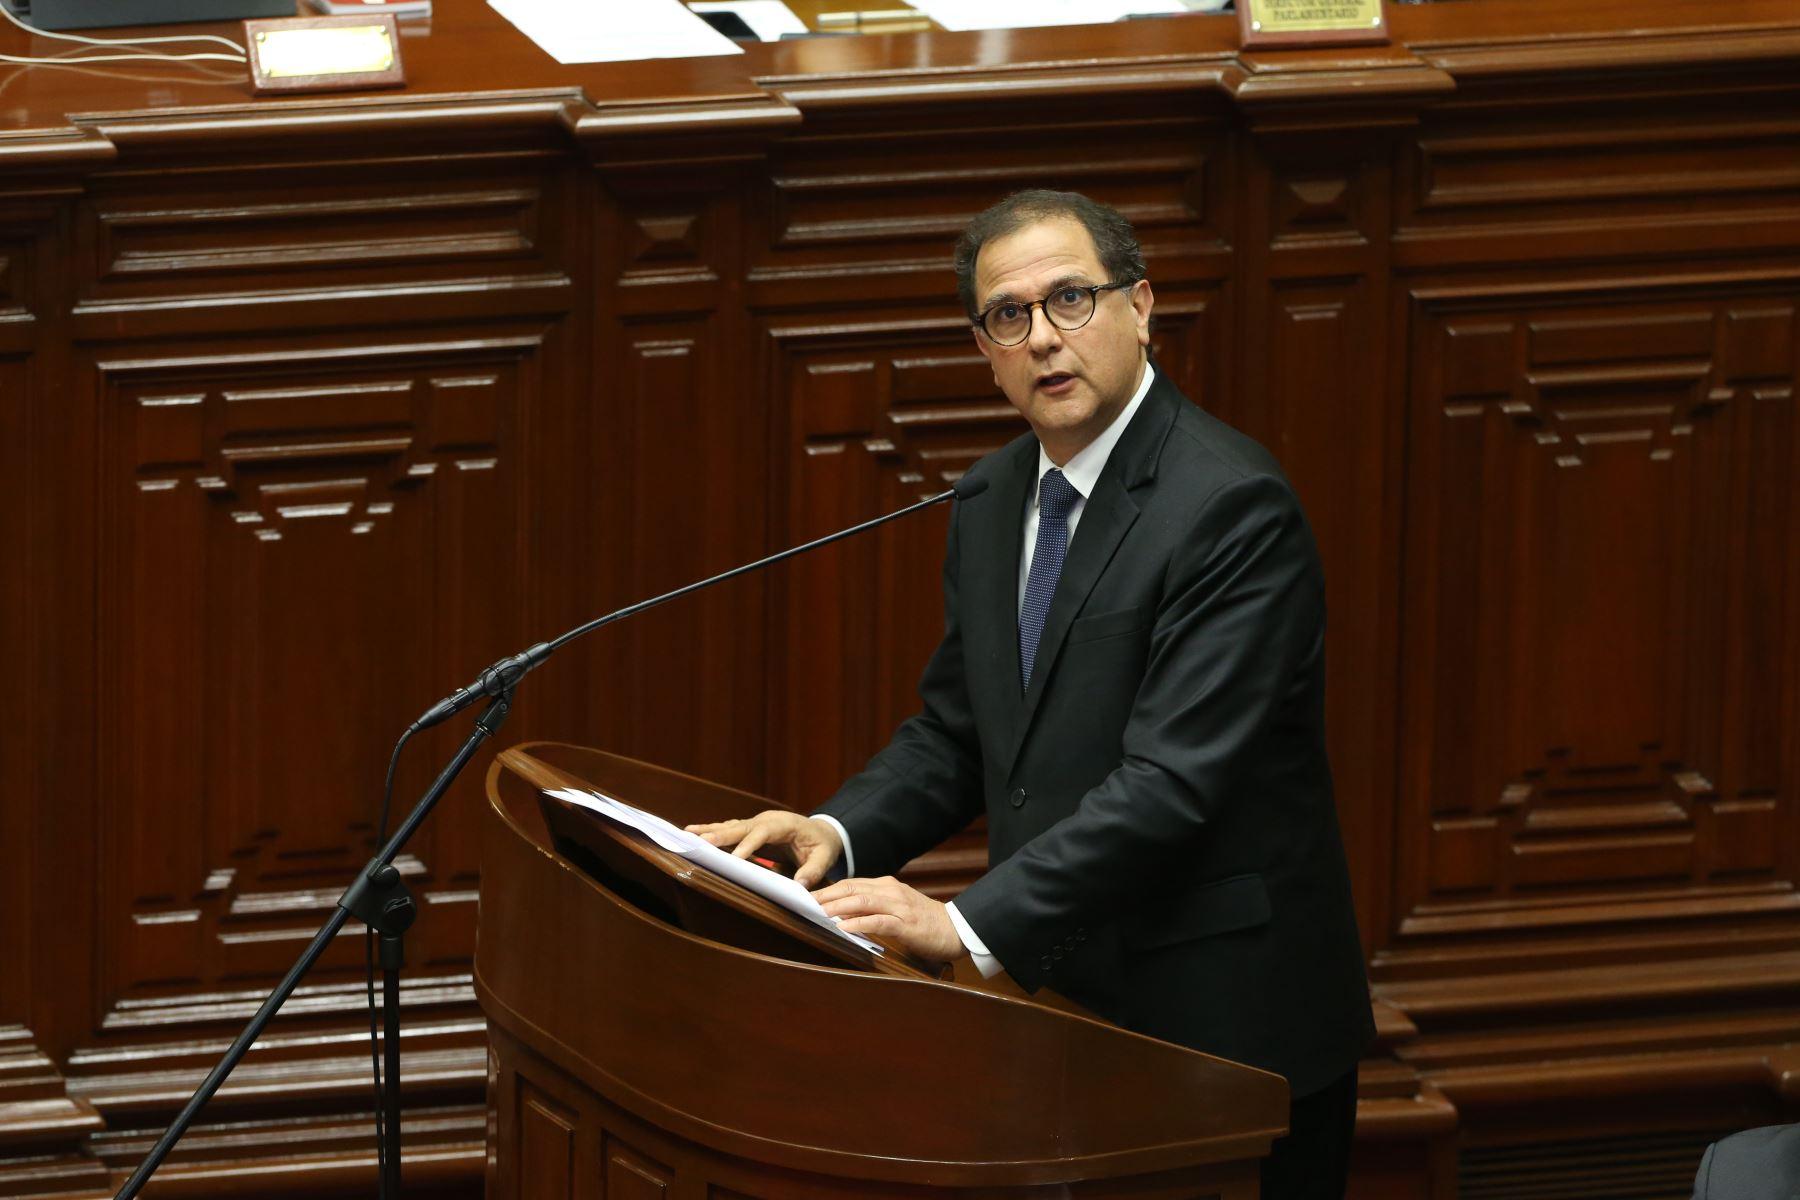 Ministro de Energía y Minas, Francisco Ismodes expone ante el pleno del Congreso de la República. Foto:ANDINA /Eddy Ramos